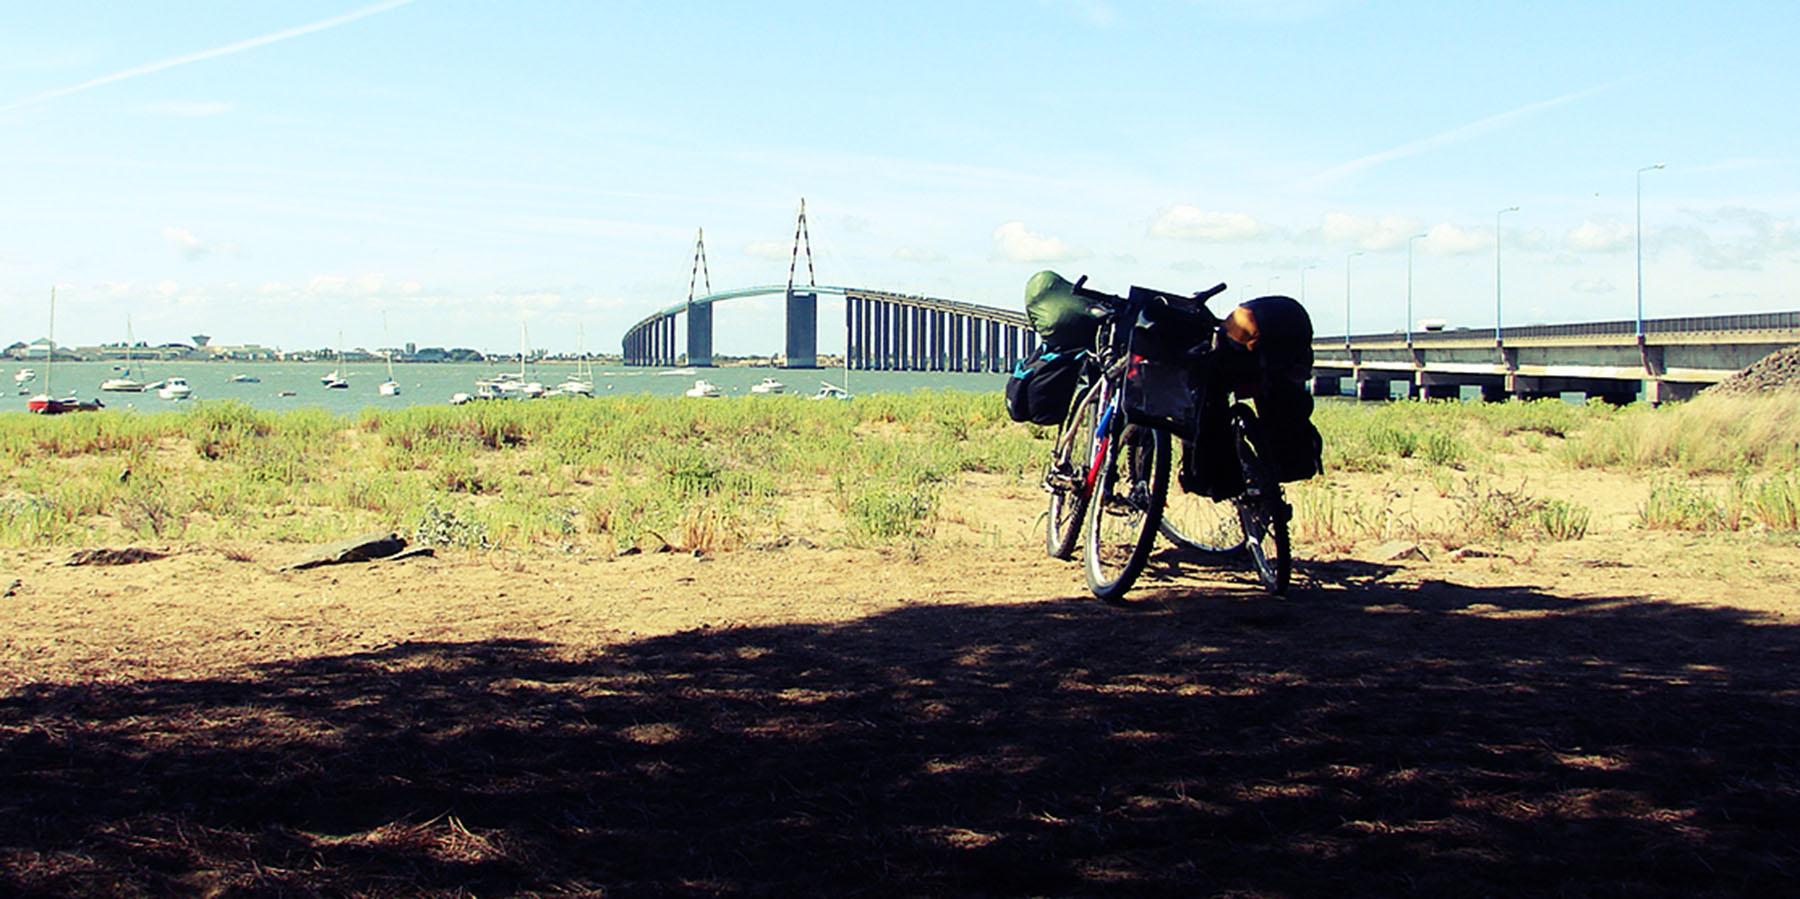 premier voyage vélo, loire à vélo, cyclotourisme, la cyclonomade, eurovélo 6, les chateaux de la loire, vallée de la loire